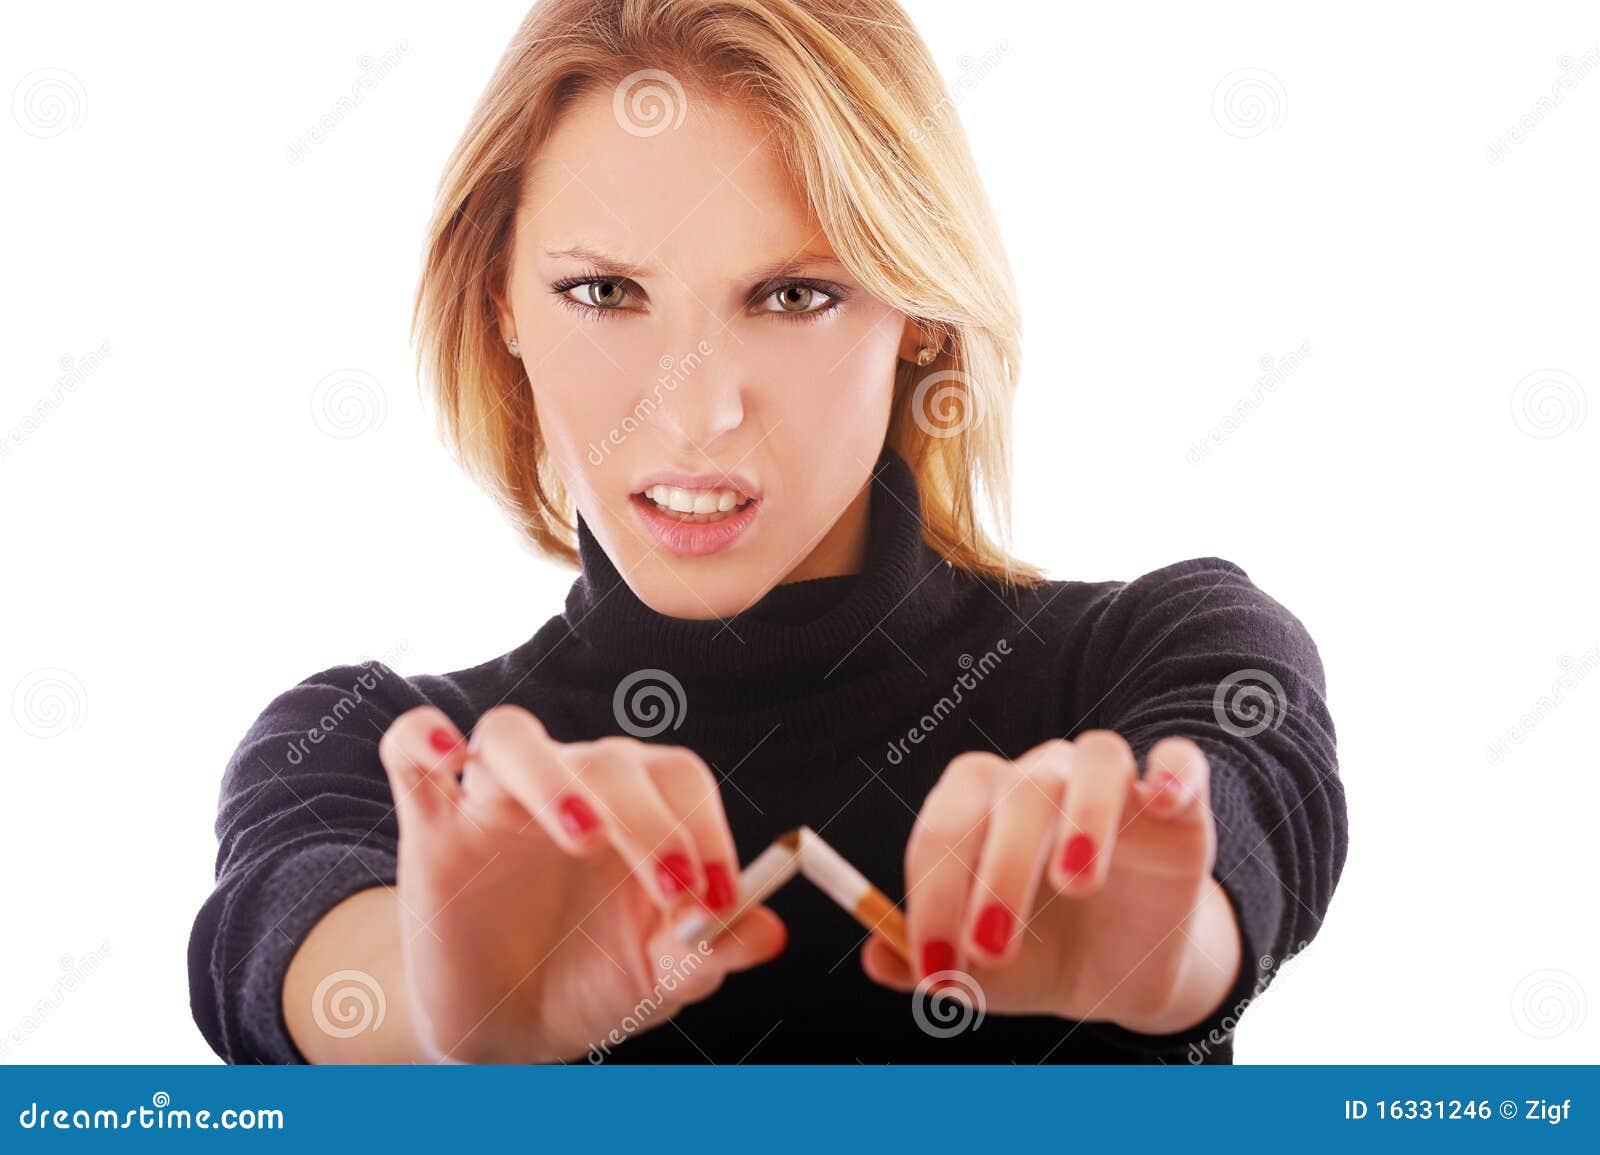 Алан карр лёгкий способ бросить курить